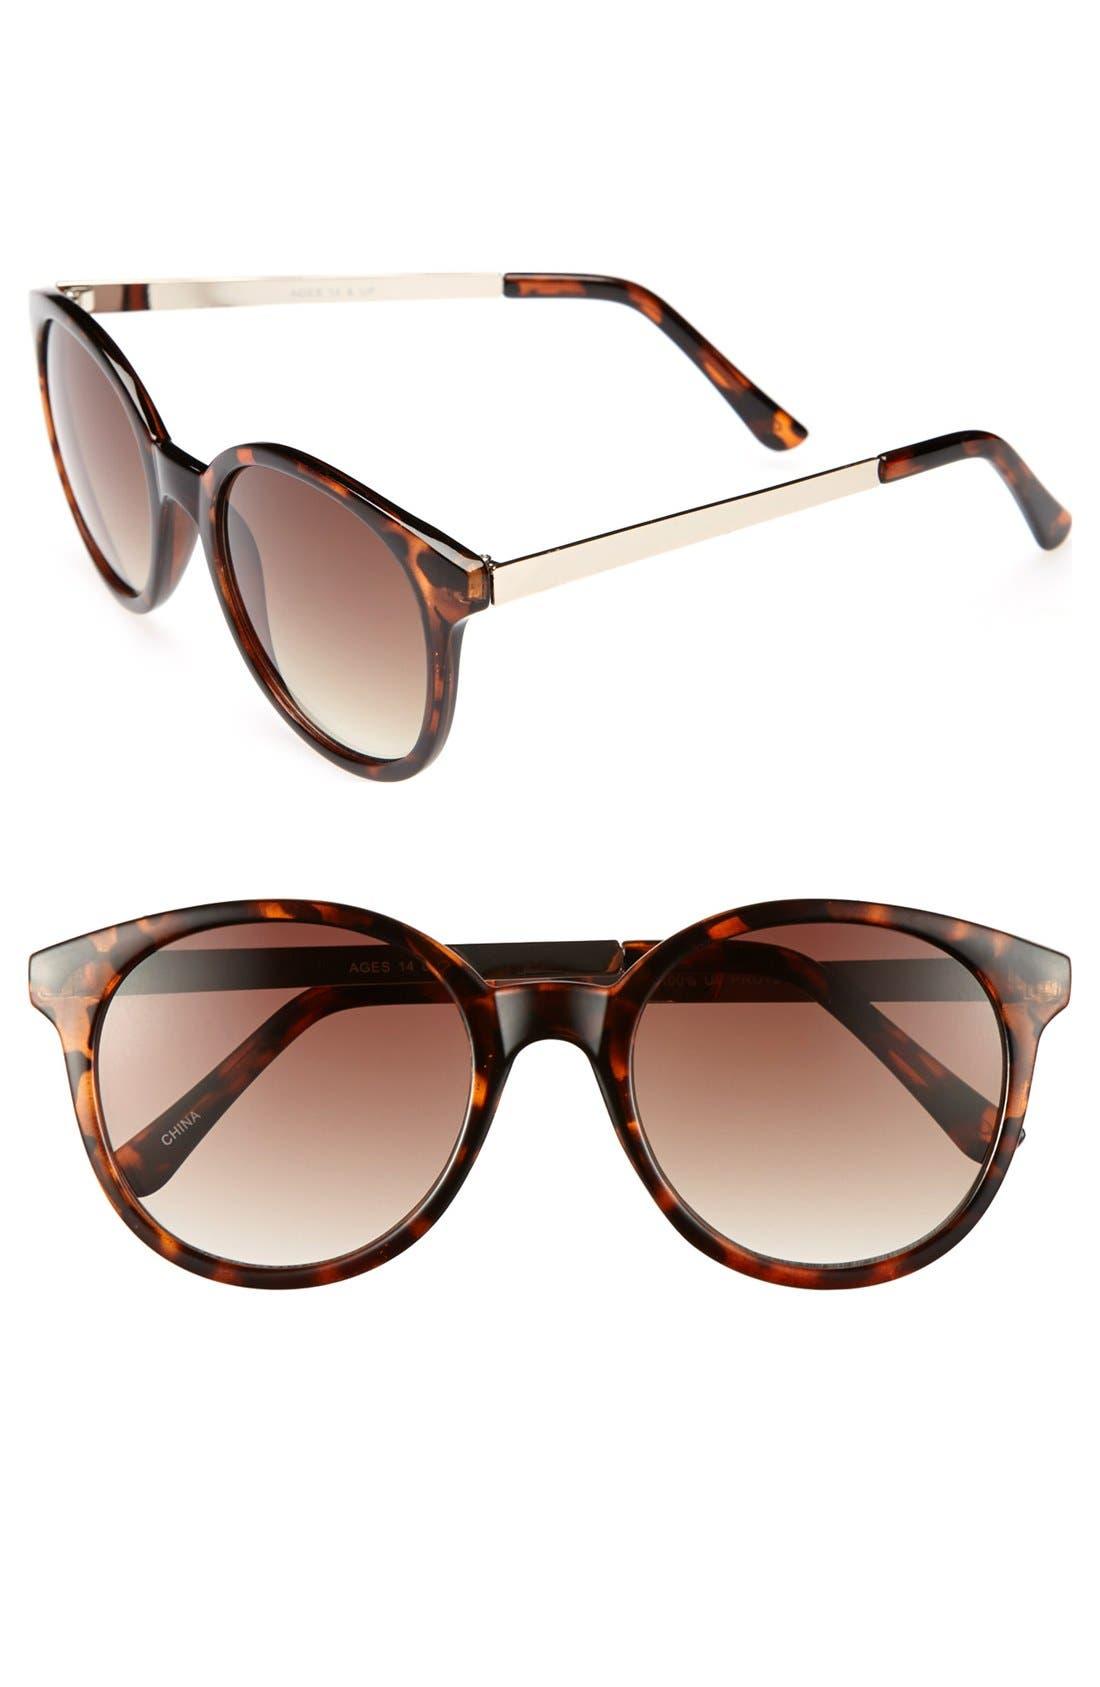 Main Image - FE NY Vintage Sunglasses